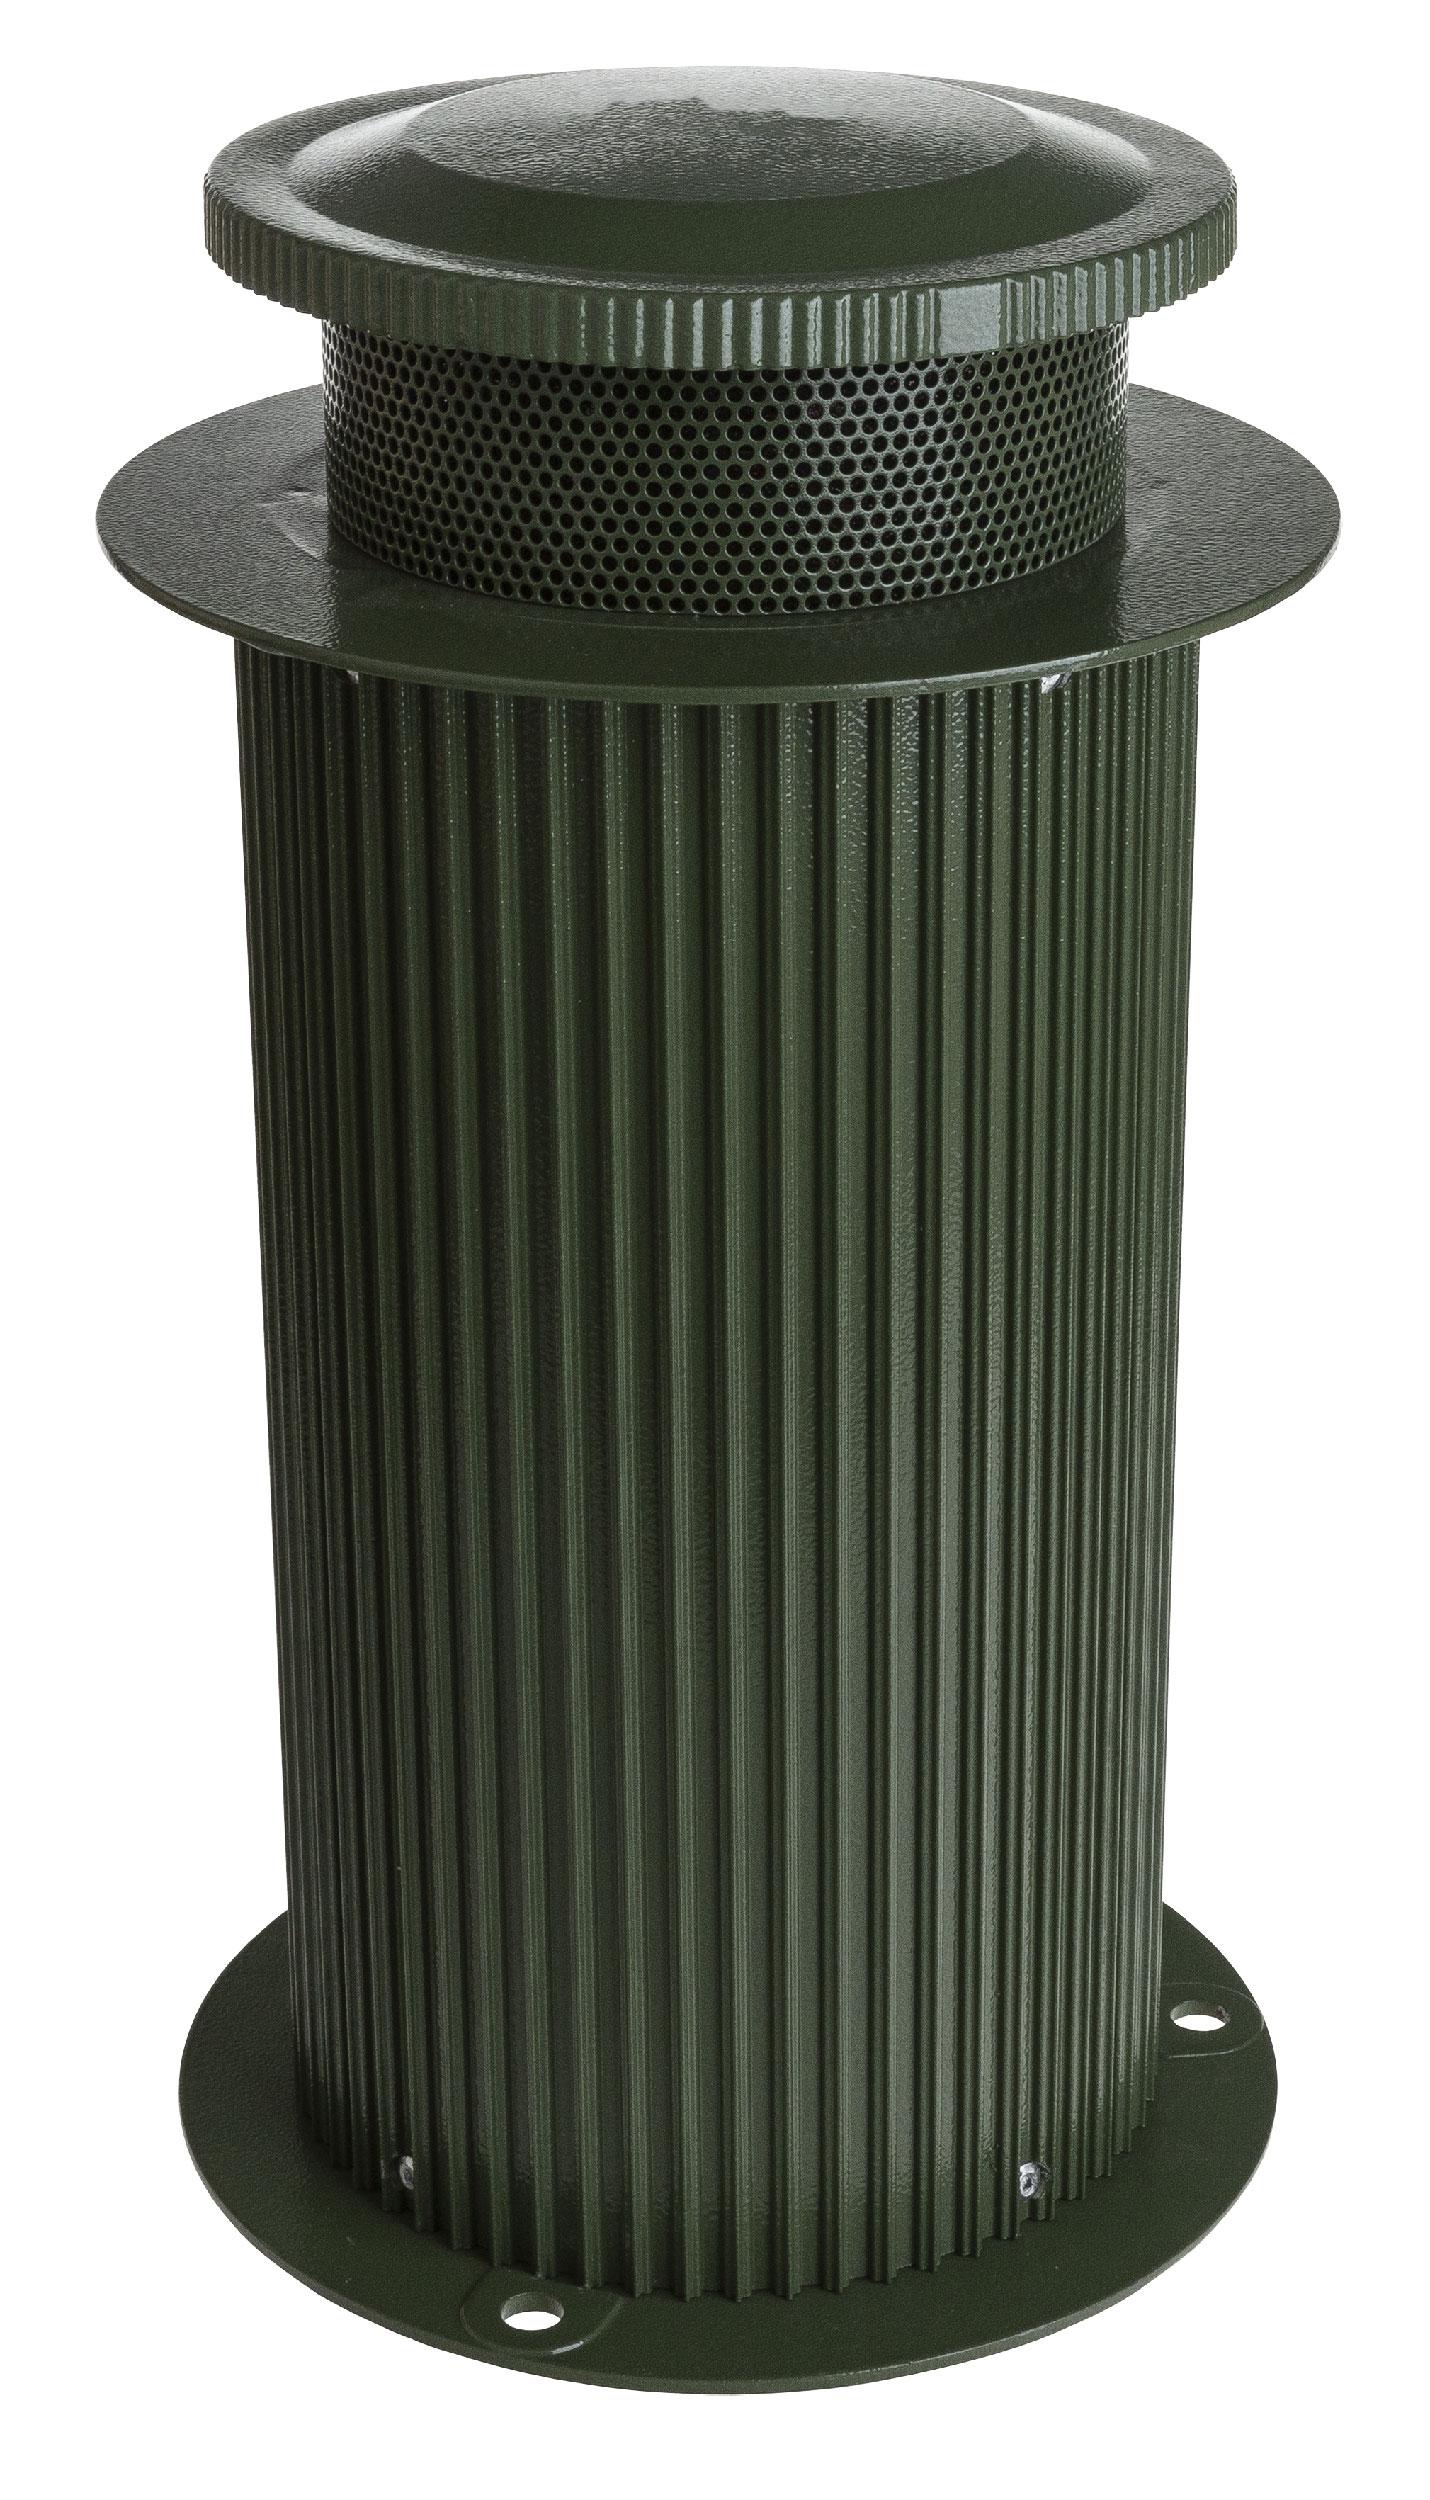 Discrete garden speaker with IP66 45W 6.5